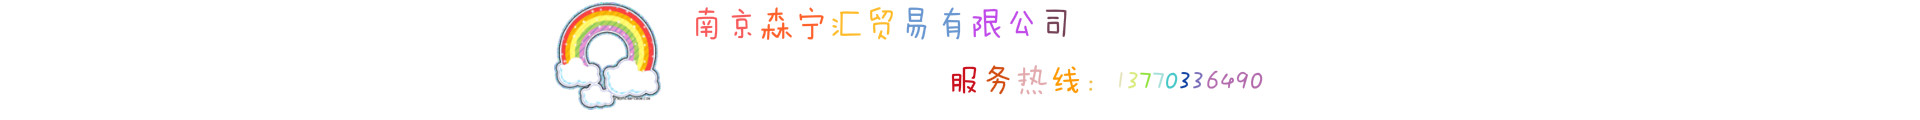 南京森宁汇贸易有限公司